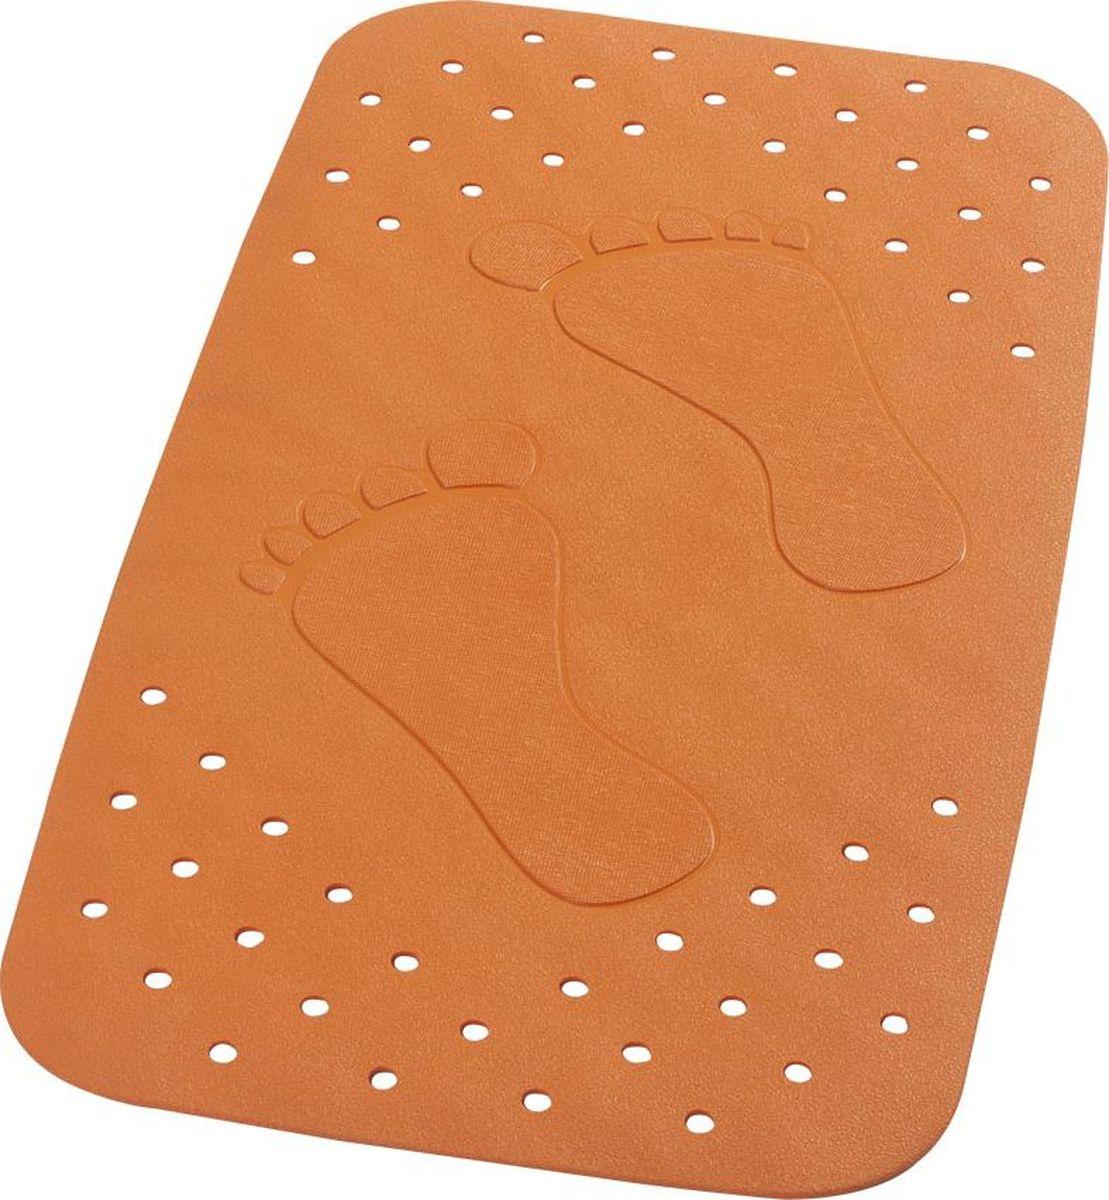 """Коврик для ванной Ridder """"Plattfuss"""", изготовленный из каучука с защитой от плесени и грибка, создает комфортное антискользящее покрытие в ванне. Крепится к поверхности при помощи присосок. Изделие удобно в использовании и легко моется теплой водой."""